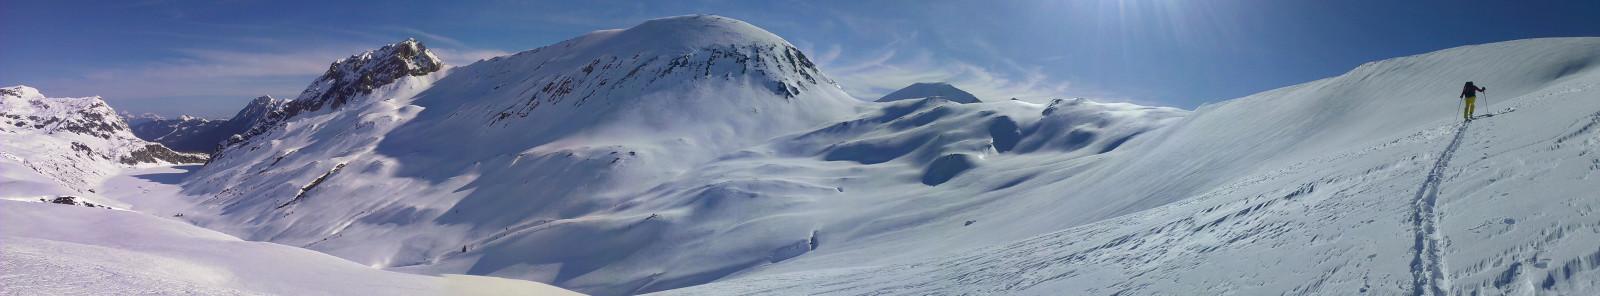 Winterlandschaft im SalzburgerLand.